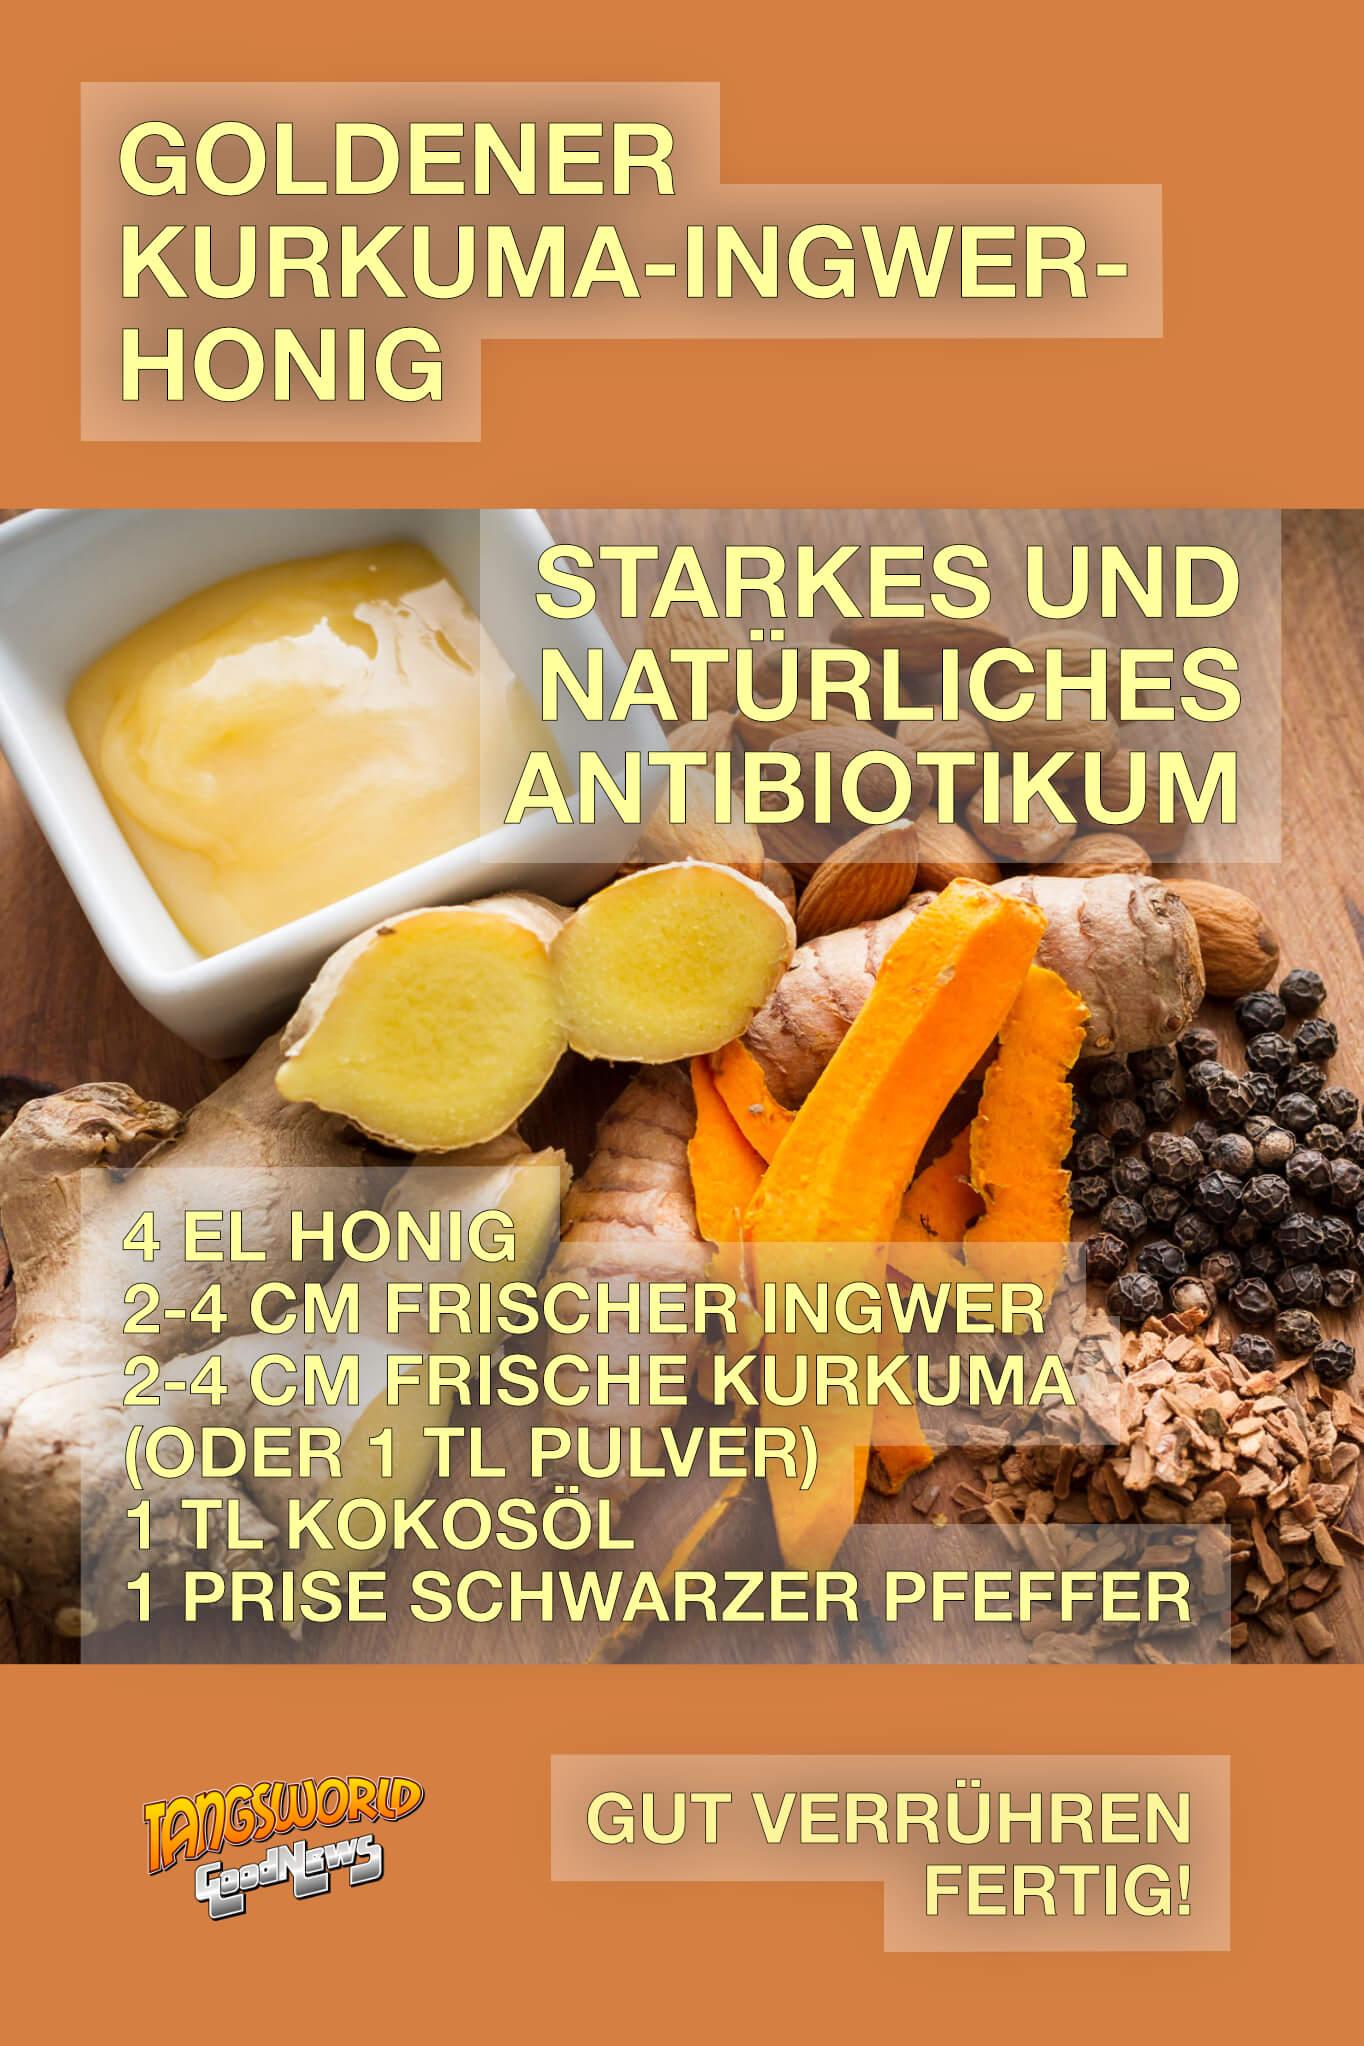 »Goldener Kurkuma-Ingwer-Honig«. In indischen Ayurveda-Schriften findet man dieses uralte Rezept als stärkstes natürliches Antibiotikum. - GoodNews